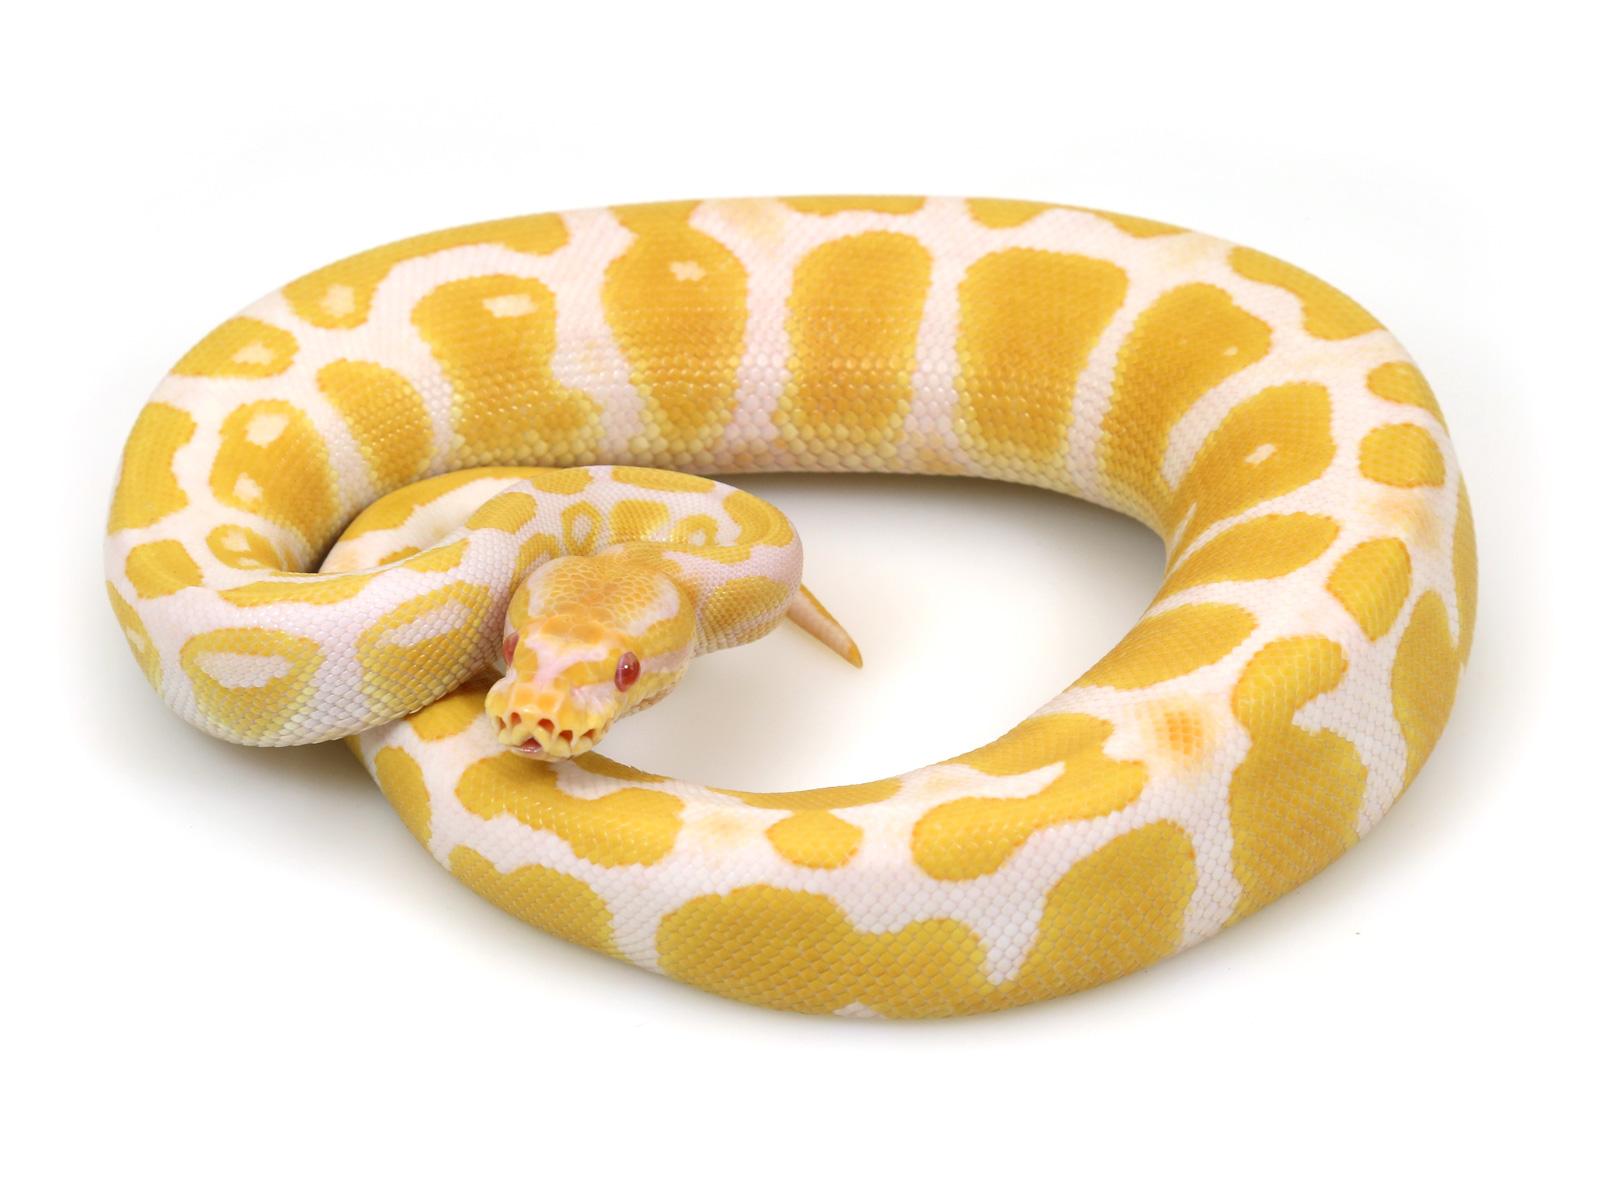 ball python, albino java